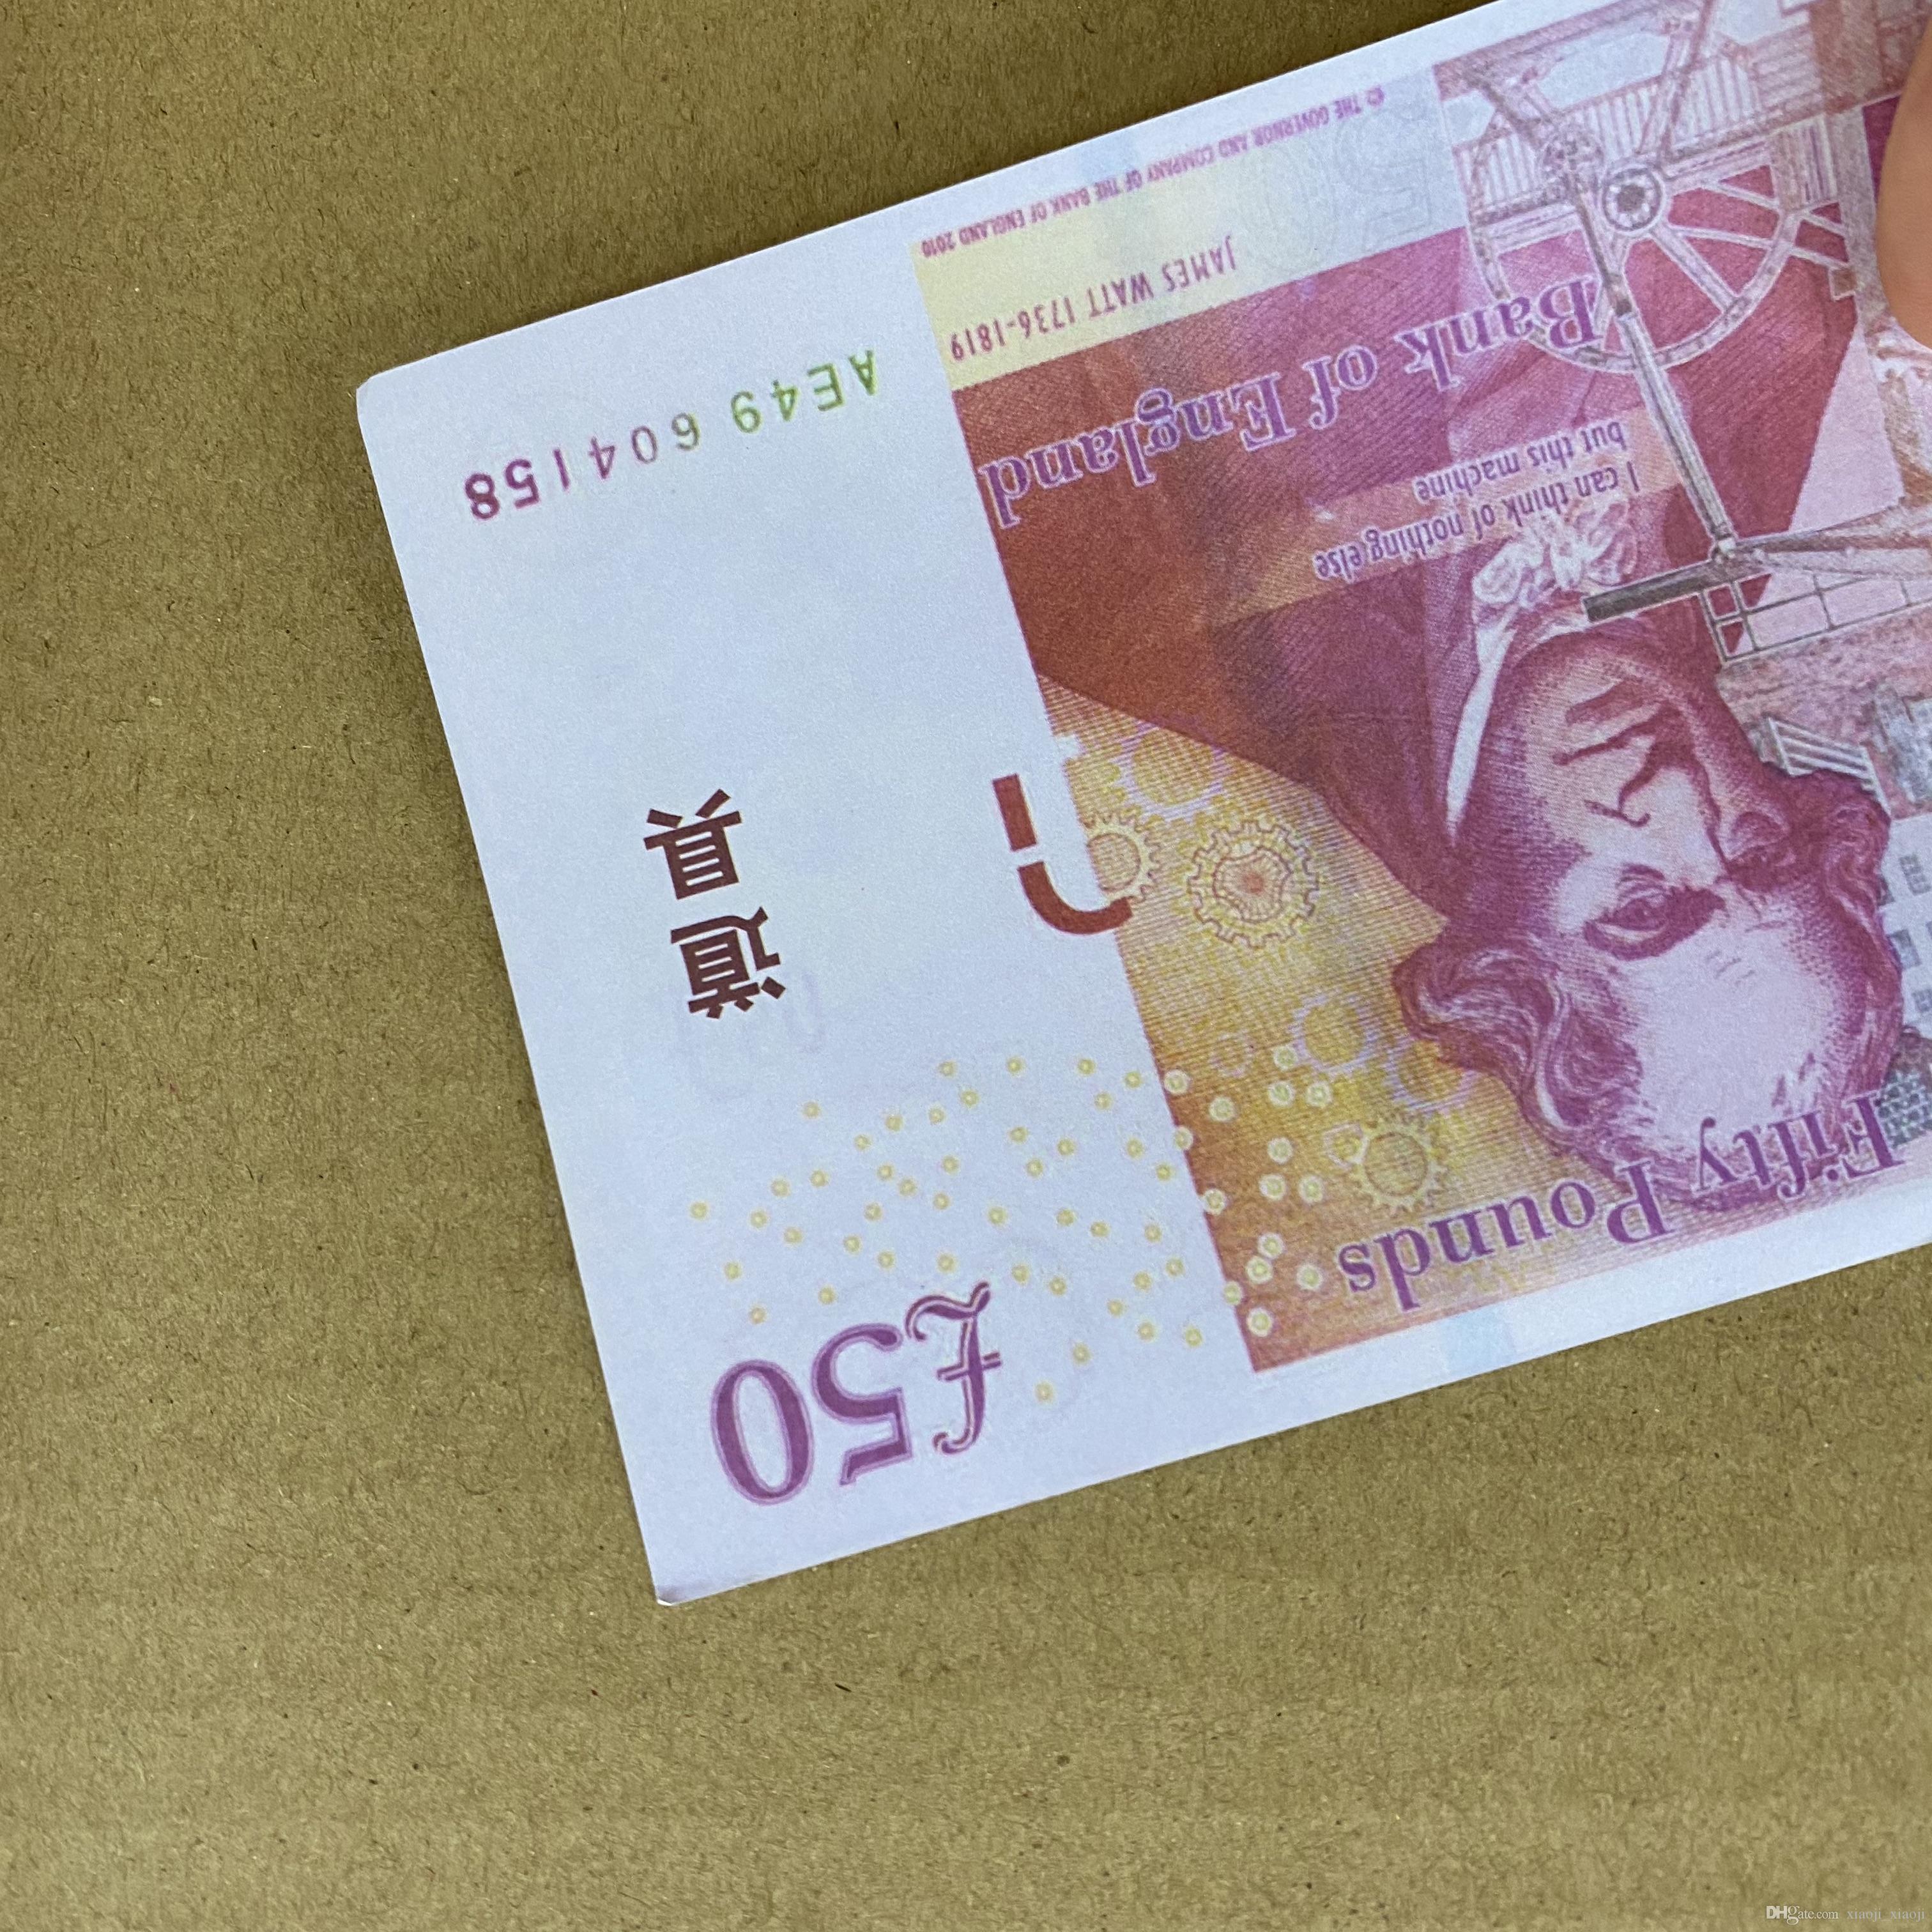 100 шт. / Пакет копии или банкнота Семейная игра Реалистичные деньги деньги / евро / доллар PROP Большинство детей Paper Toy283 Rwwbd